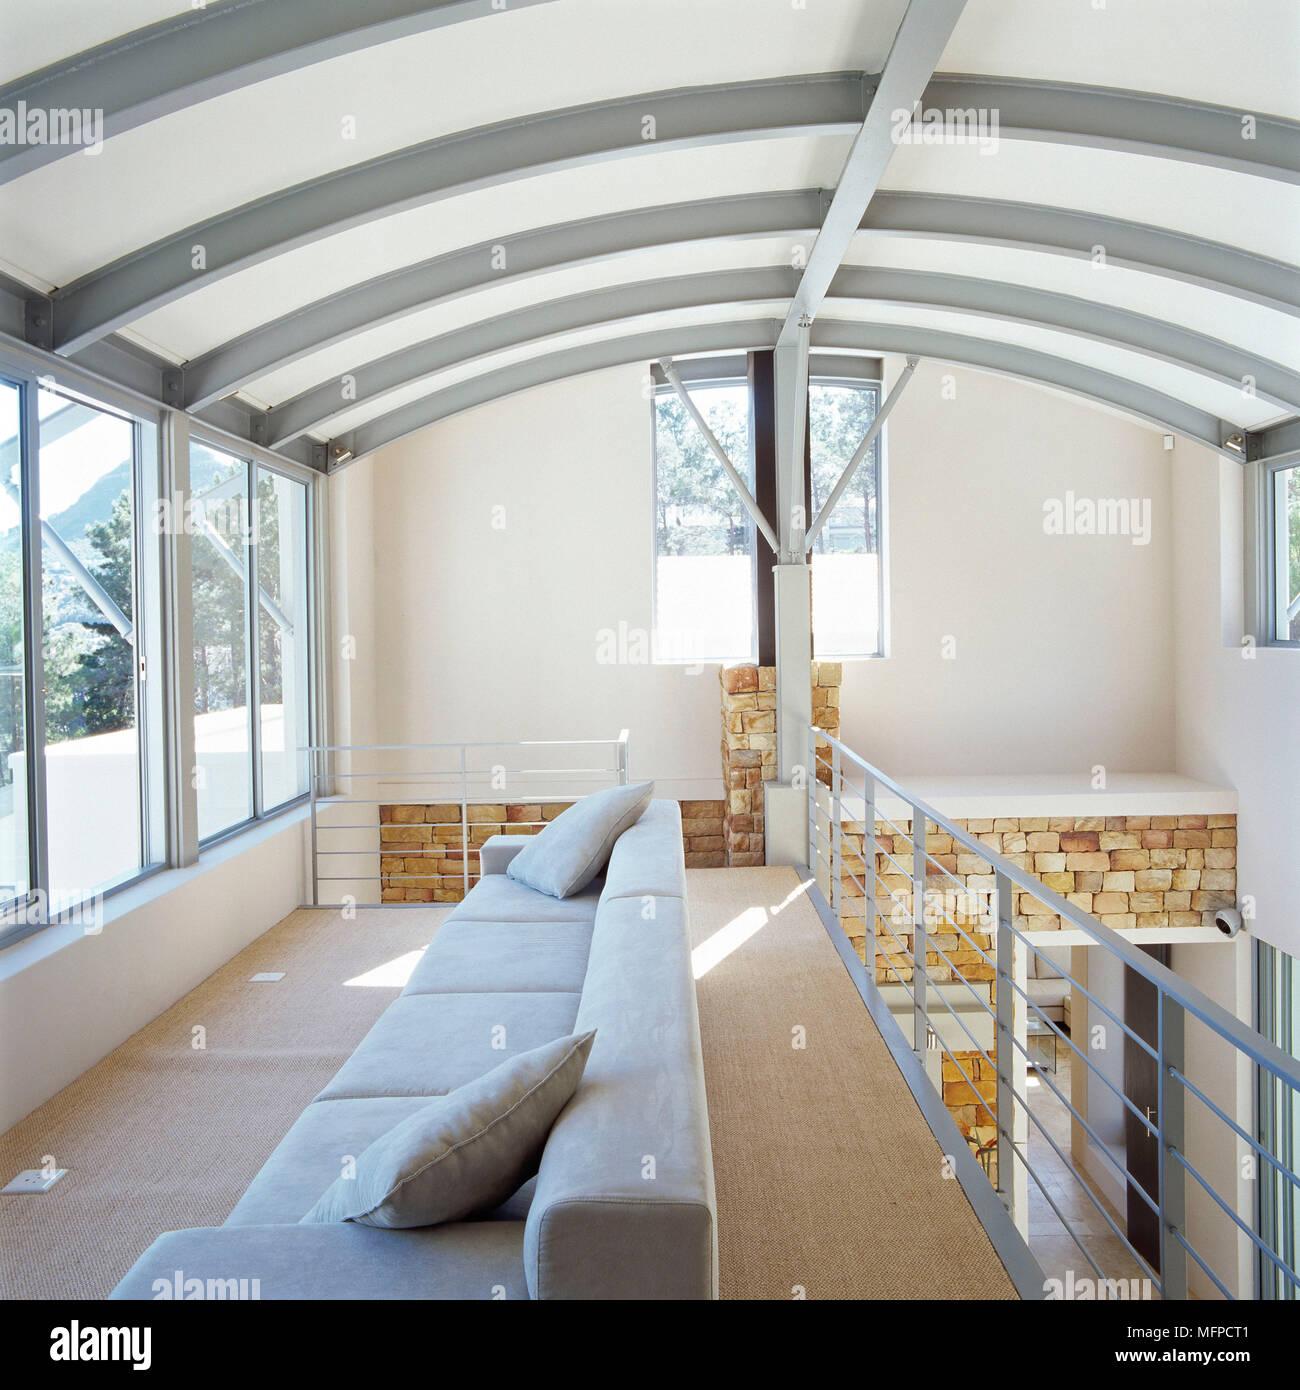 Canap en mezzanine de maison moderne avec plafond incurv banque d 39 images photo stock - Plafond maison ...